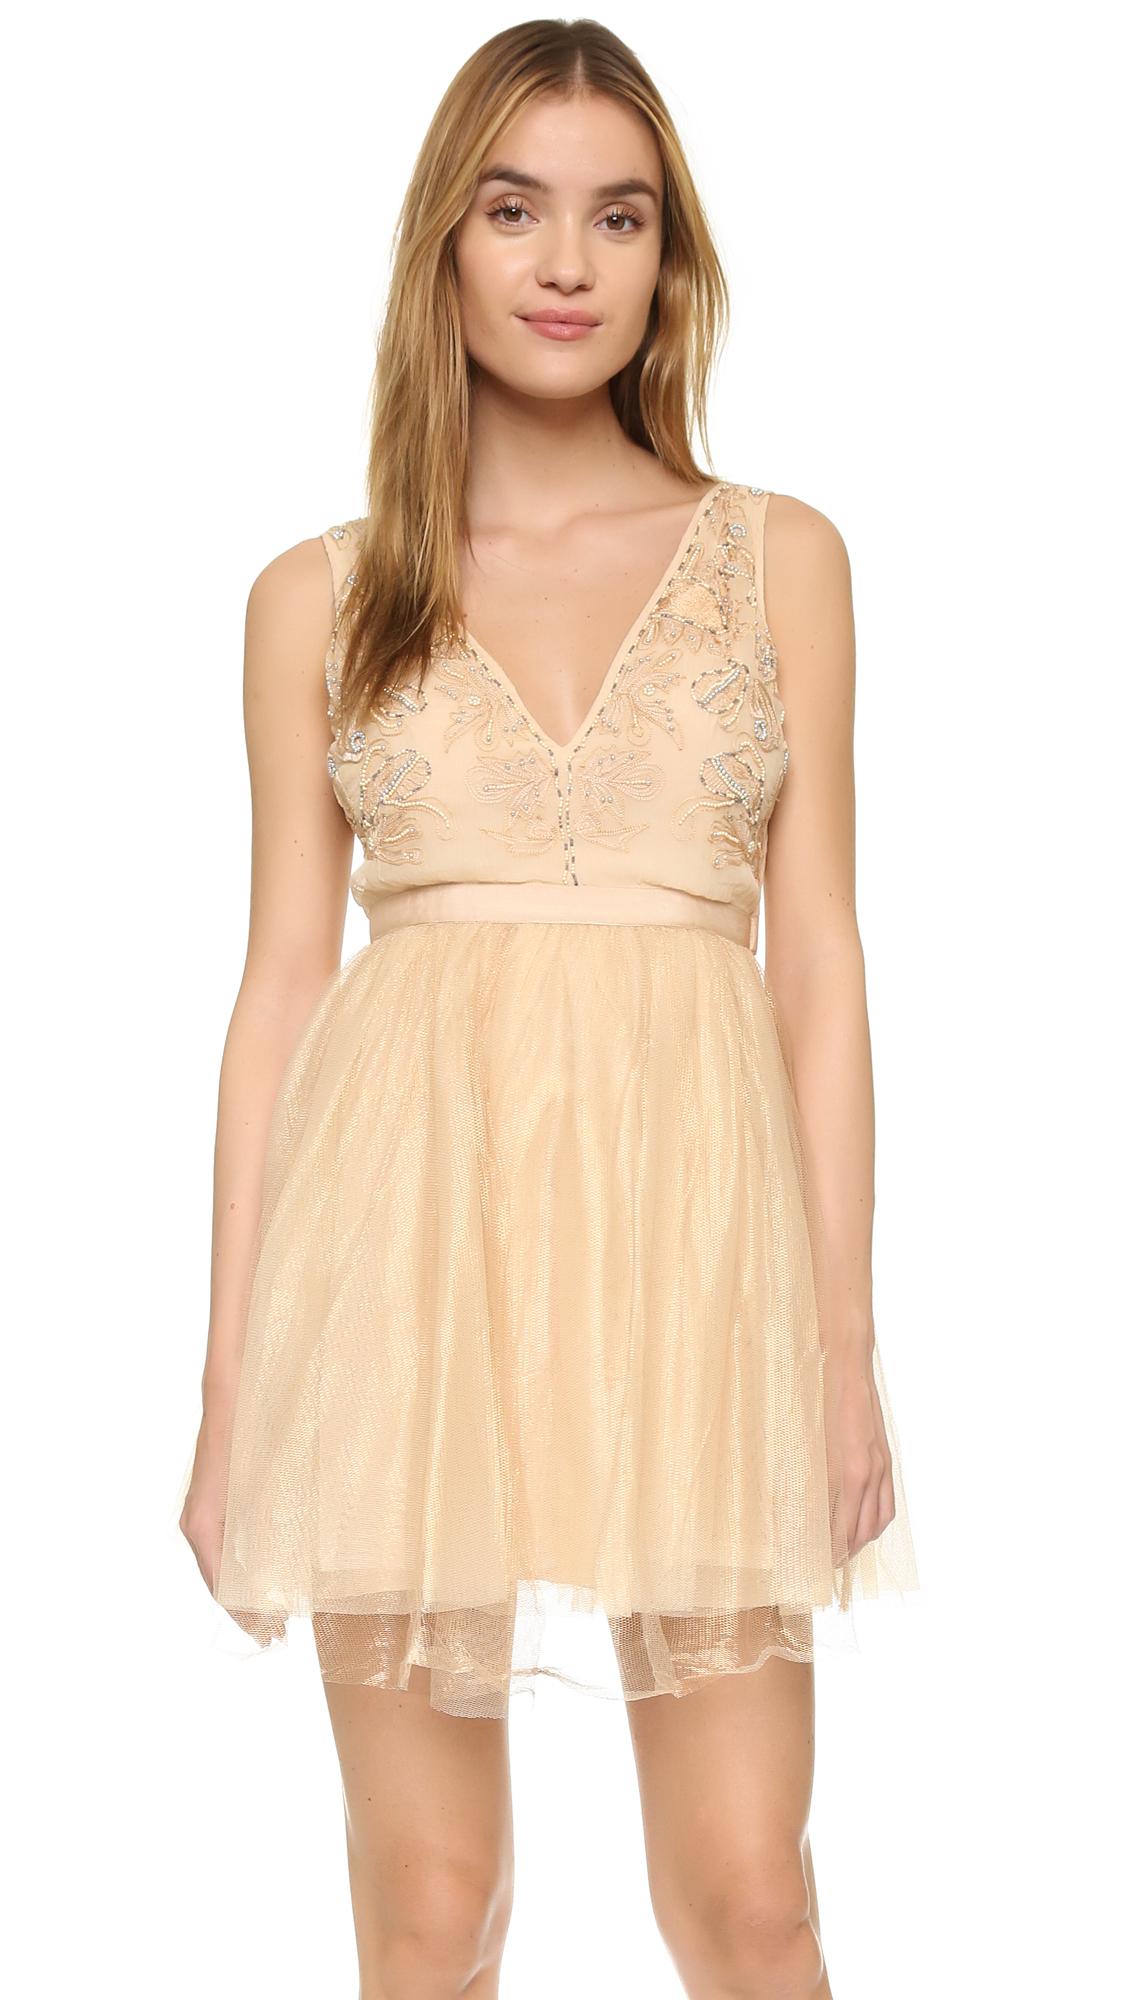 Free People Chiffon Deja Vu Mini Dress In Rose Gold Pink